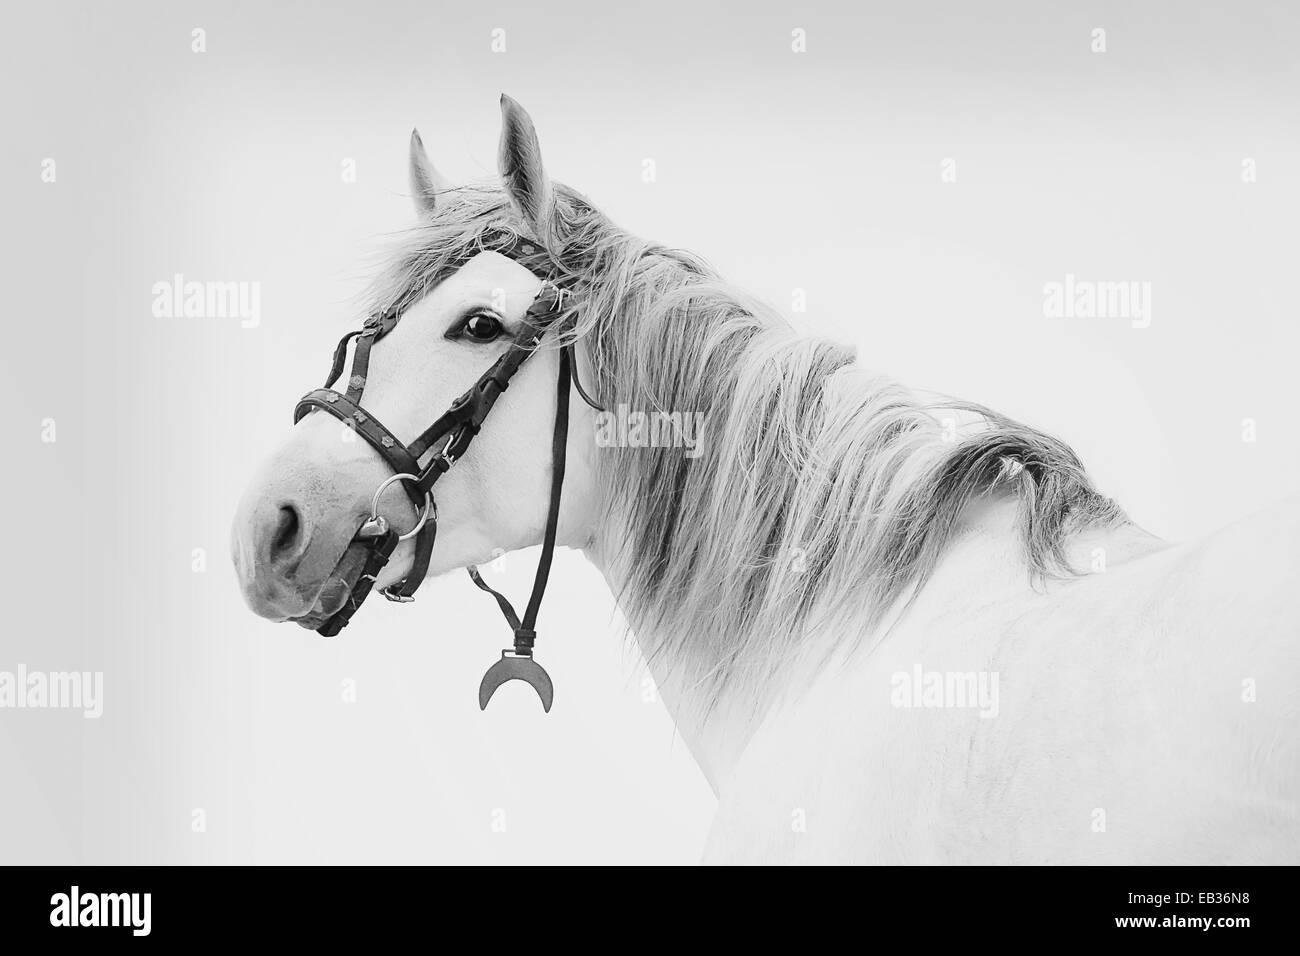 Hermoso semental Tersk, fotografía en blanco y negro Imagen De Stock